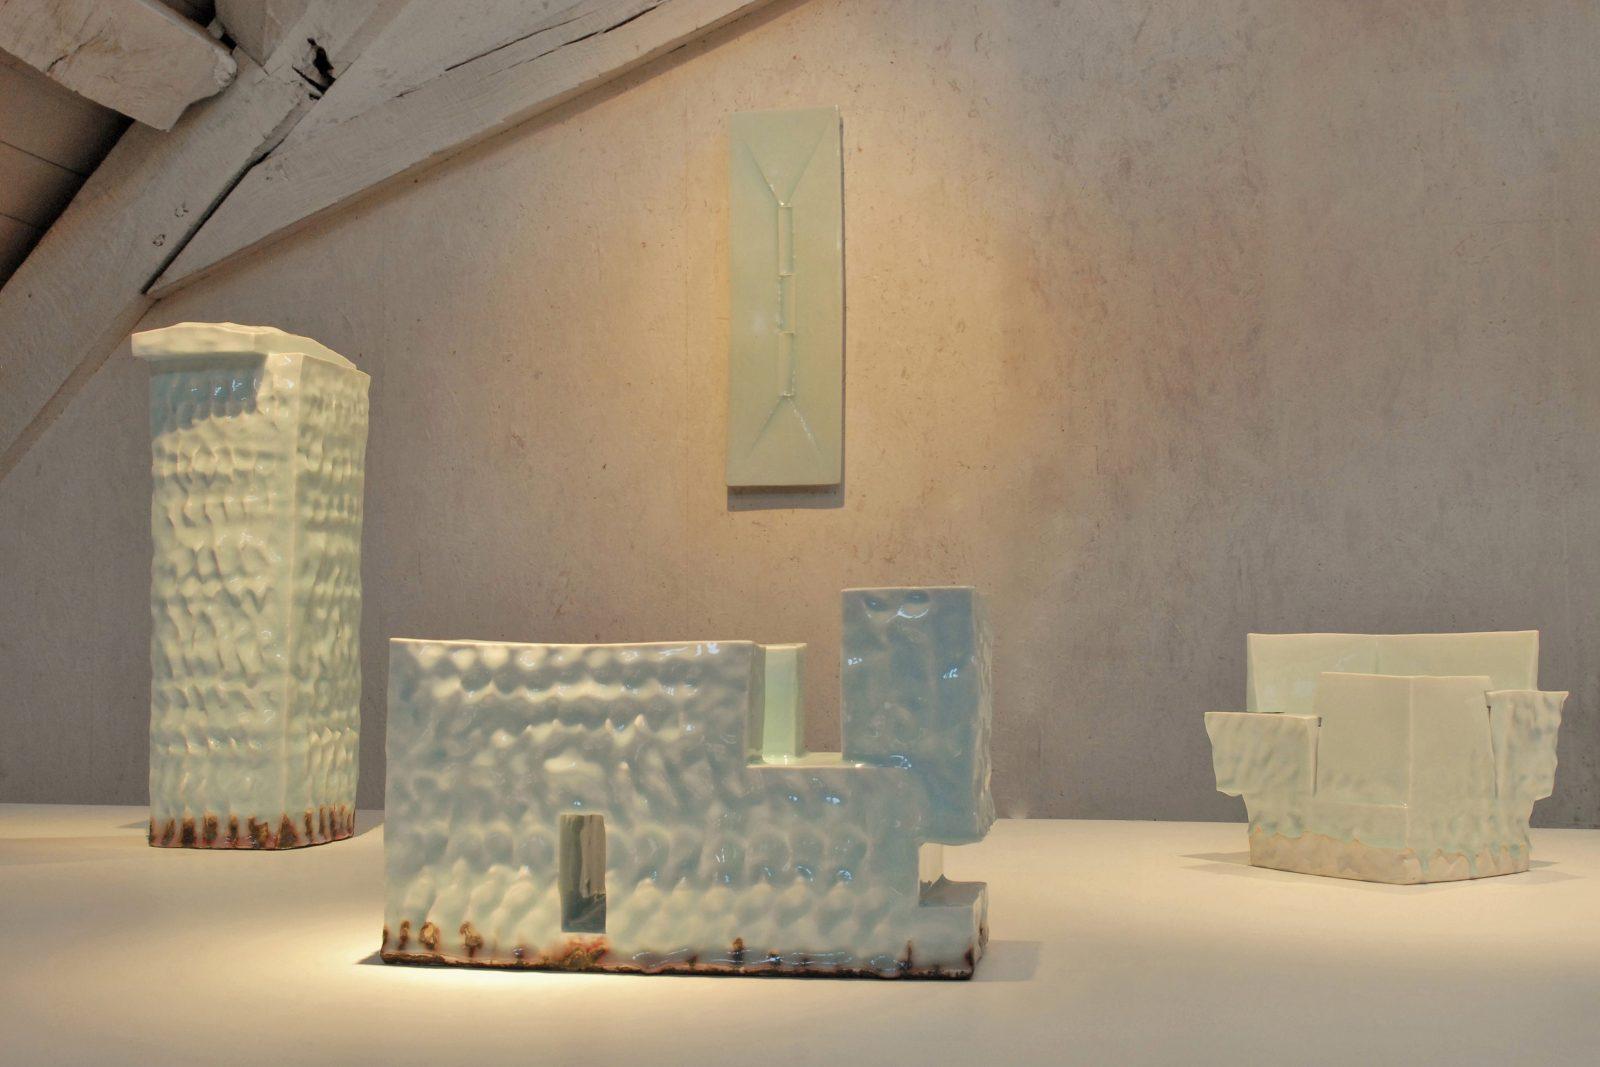 Ausstellung-gebrannte-Farben-2015-Masamichi-Yoshikawa